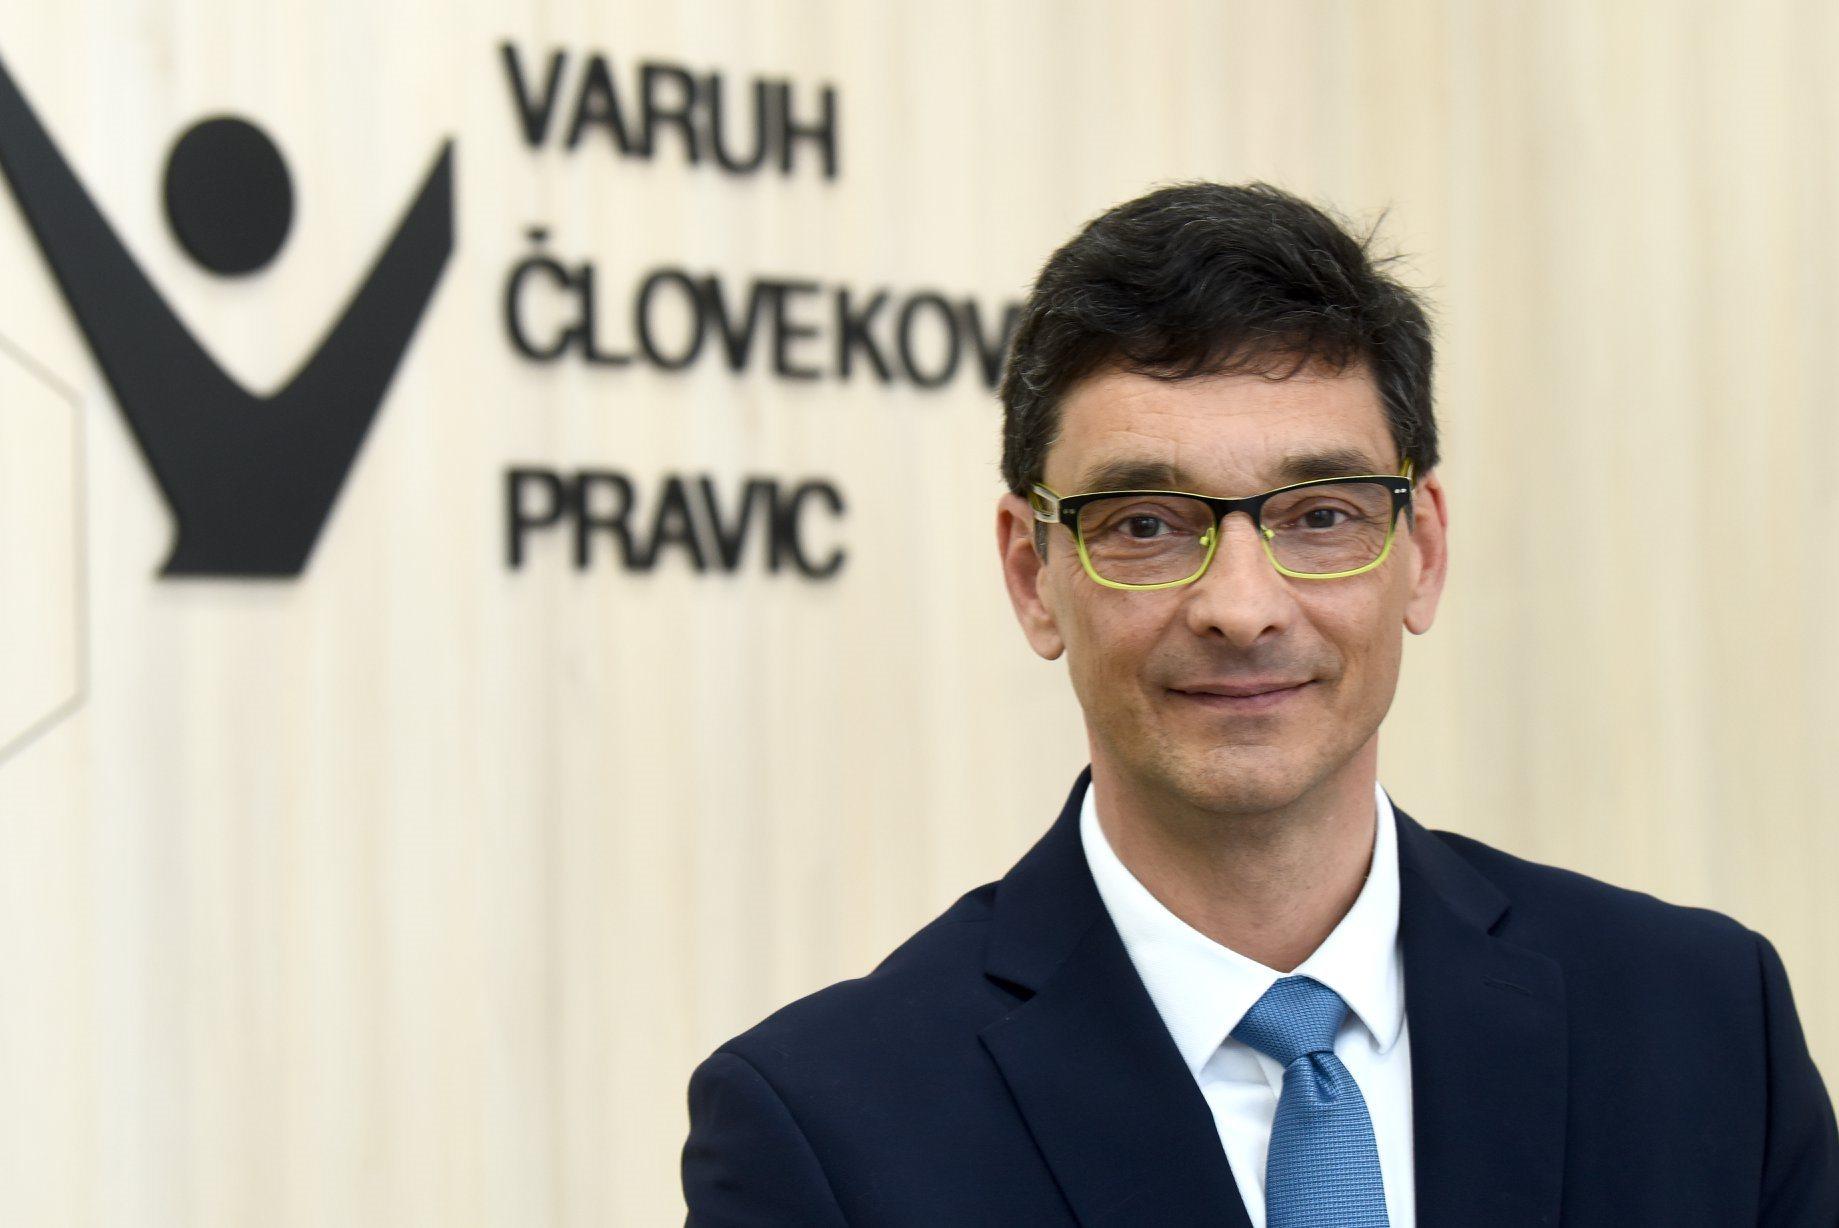 Peter Svetina